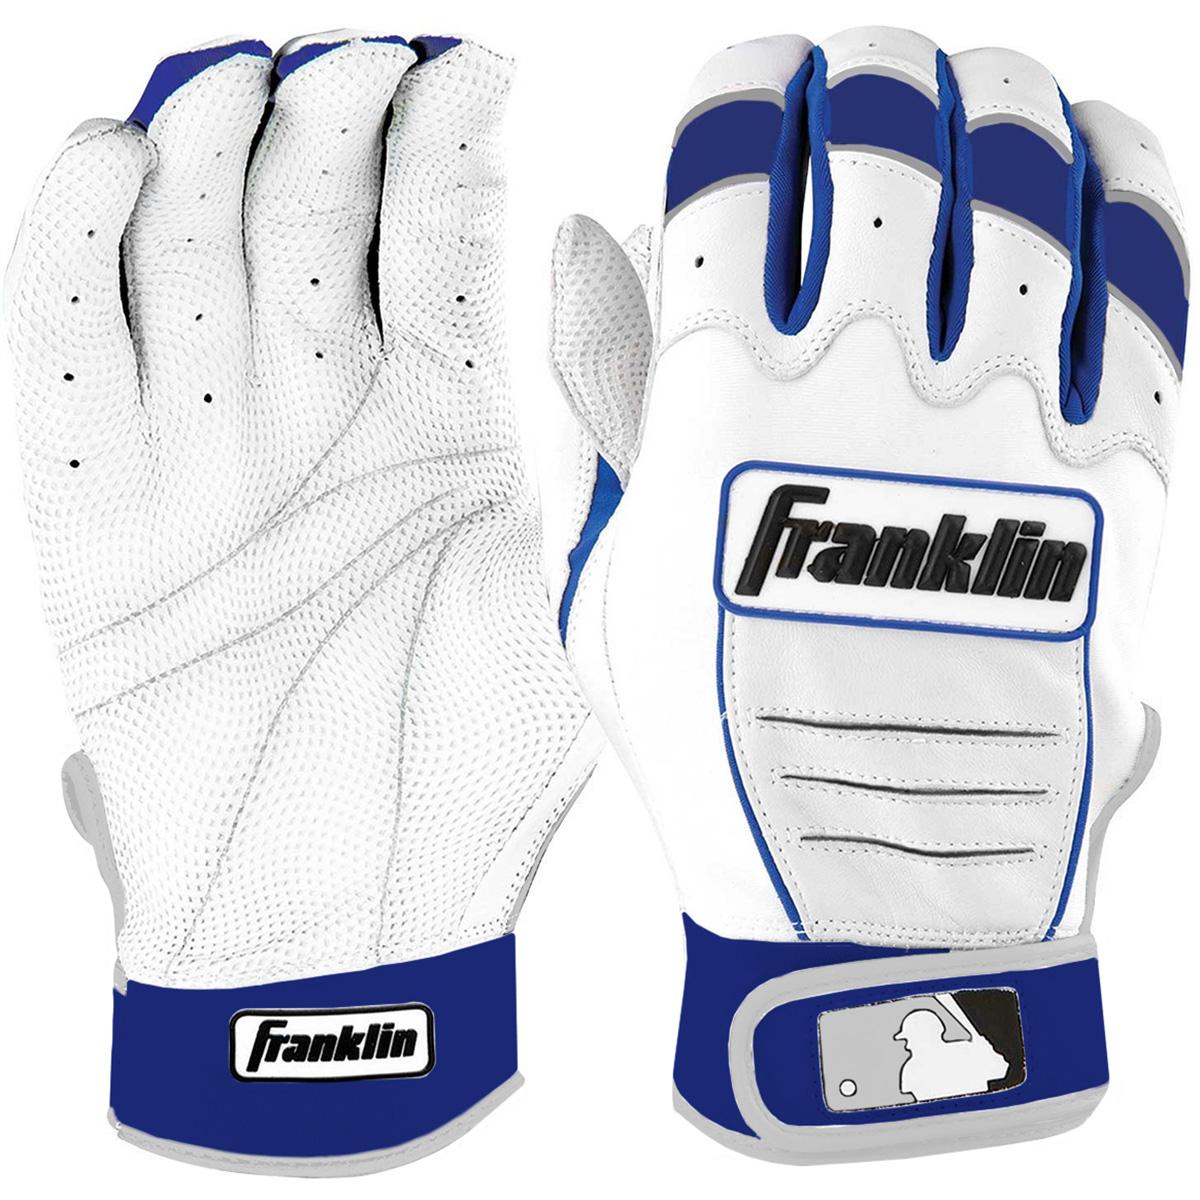 Details about Franklin Adult CFX Pro MLB Batting Gloves - Pearl/Royal Blue